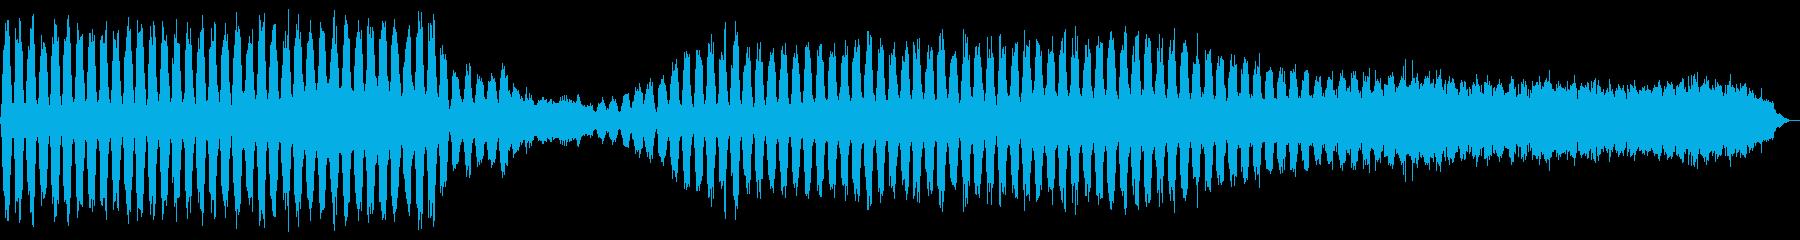 神秘的で静謐とした雰囲気のある楽曲ですの再生済みの波形